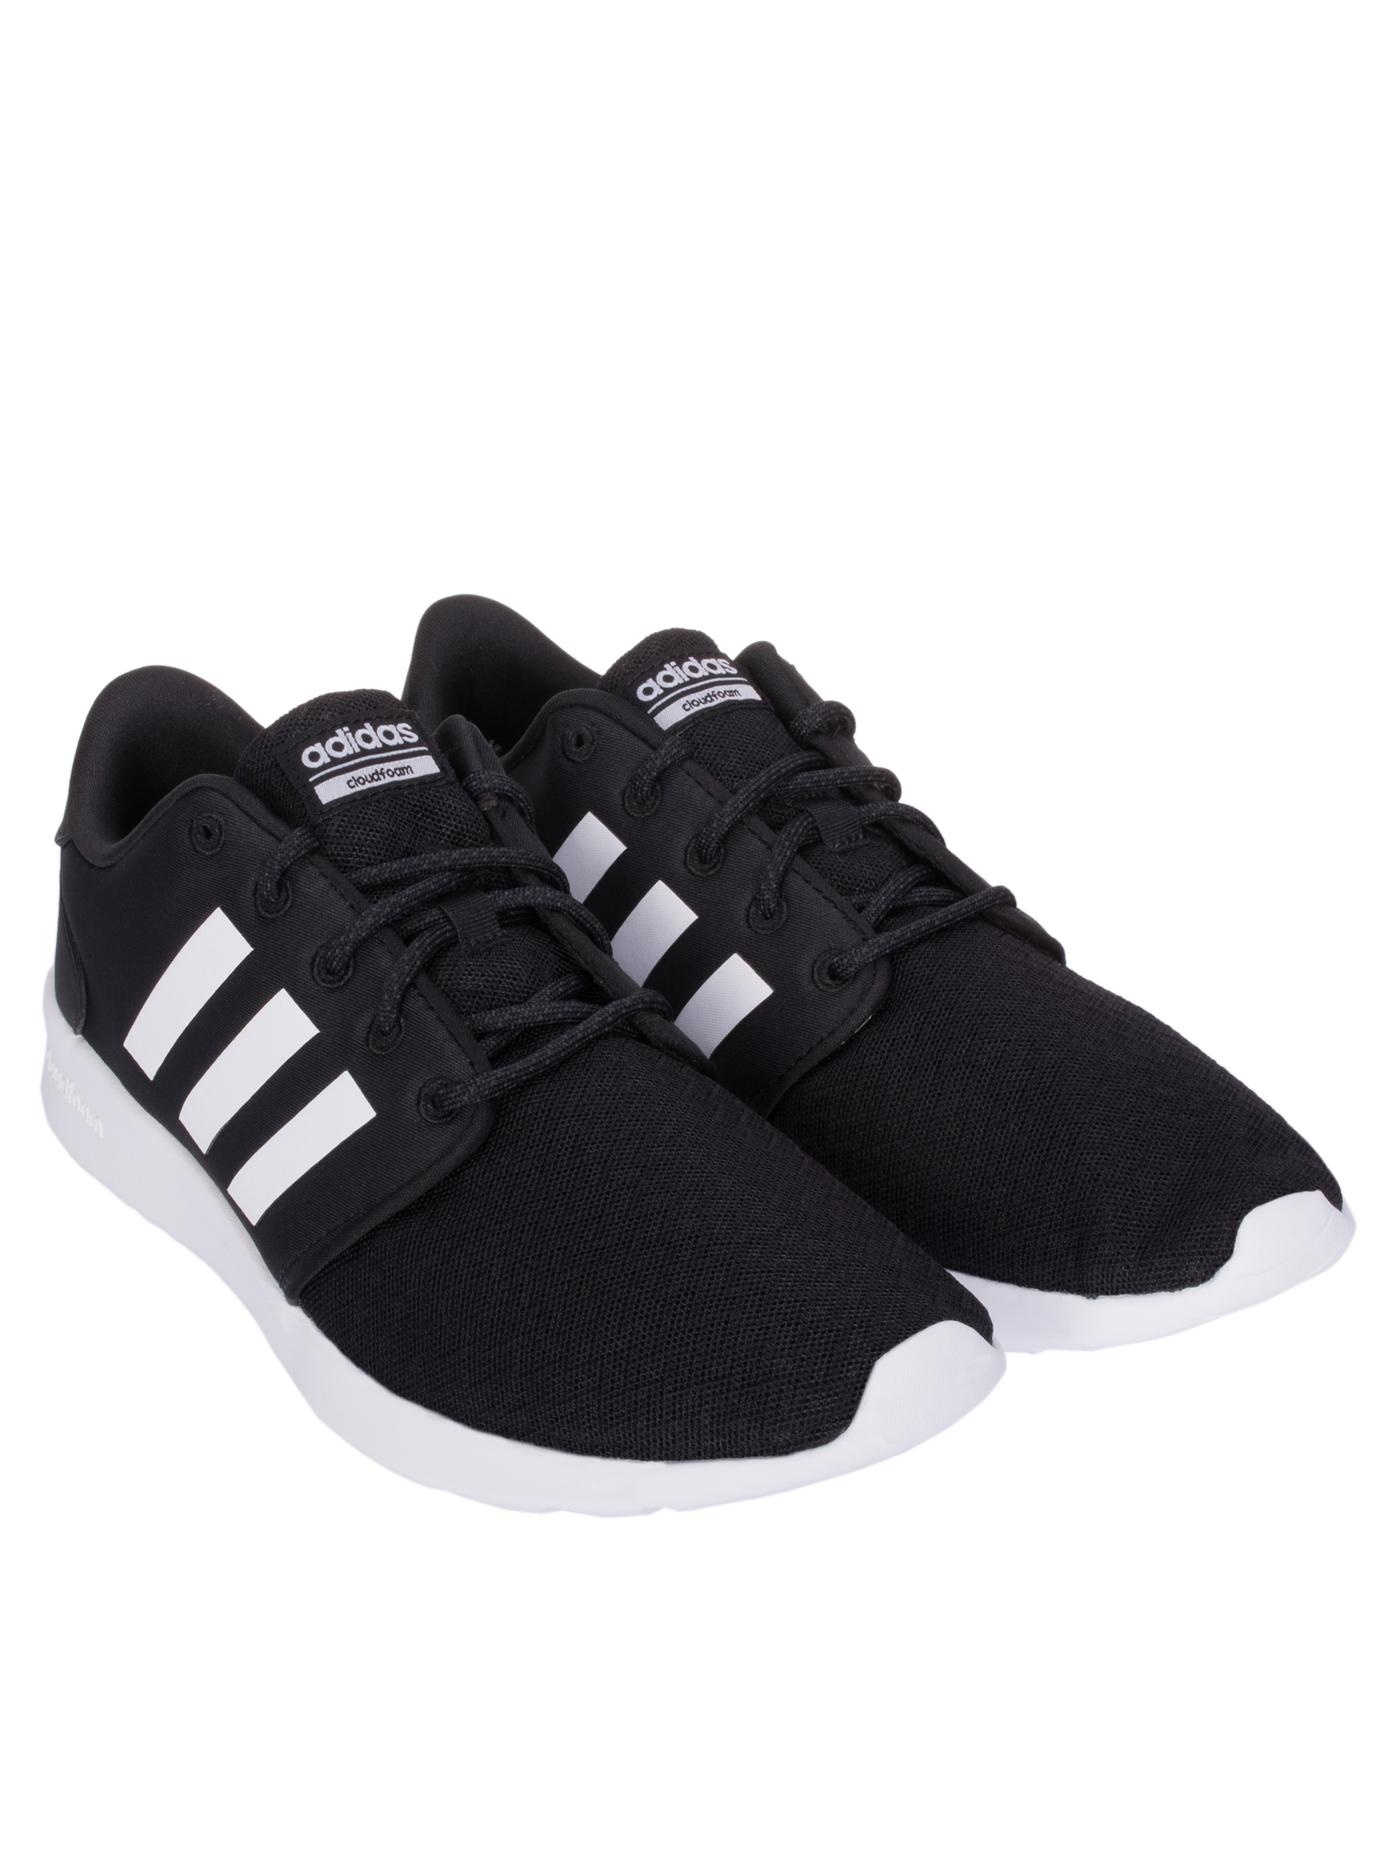 cc66b7493c3d ADIDAS NEO Women s Casual Shoes Cloudfoam QT Racer DB0275 Size UK8 Black